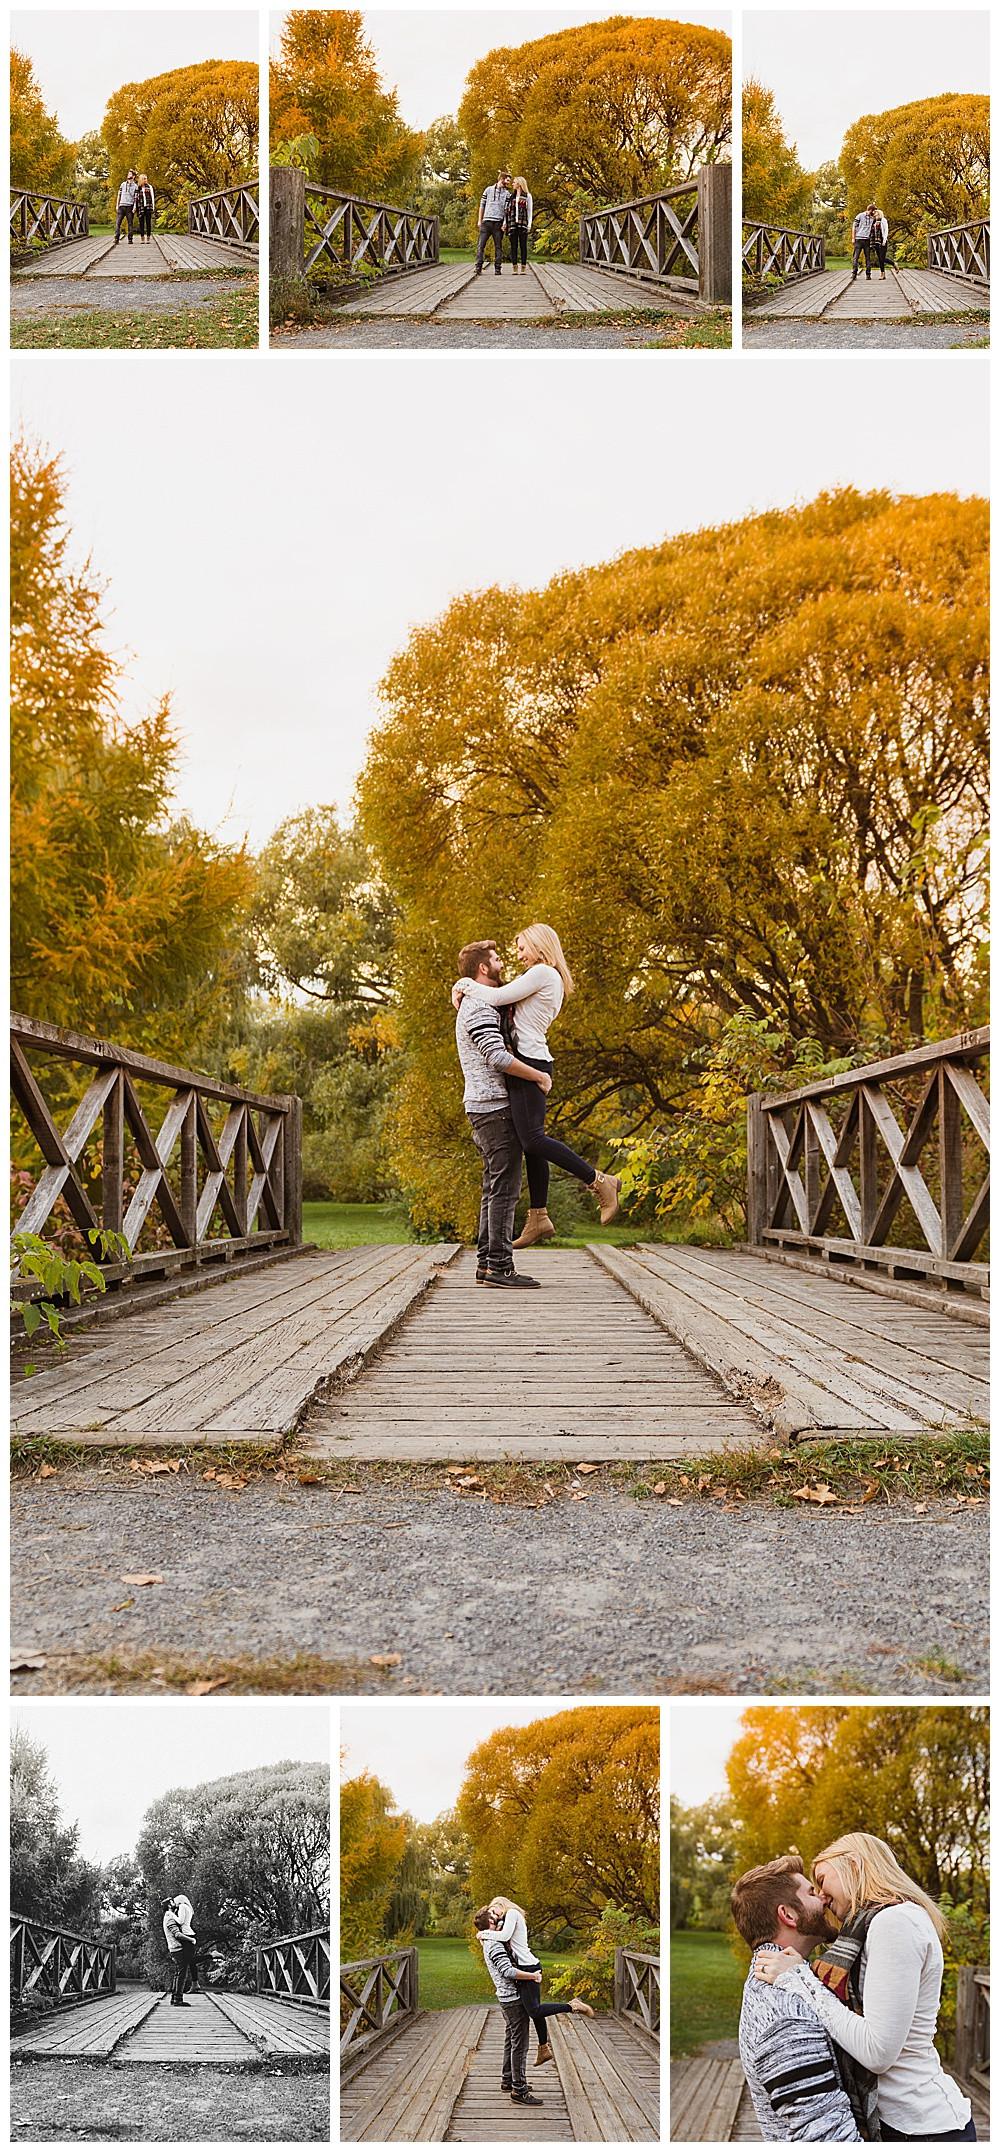 Ottawa Engagement, Ottawa Photographer, Ottawa Wedding Photographer, Ottawa Wedding Photography, Ottawa Engagement Photographer, Alanna & Ryan Engagement, Dominion Arboretum Engagement, Fall Engagement, Ottawa Fall Engagement Session